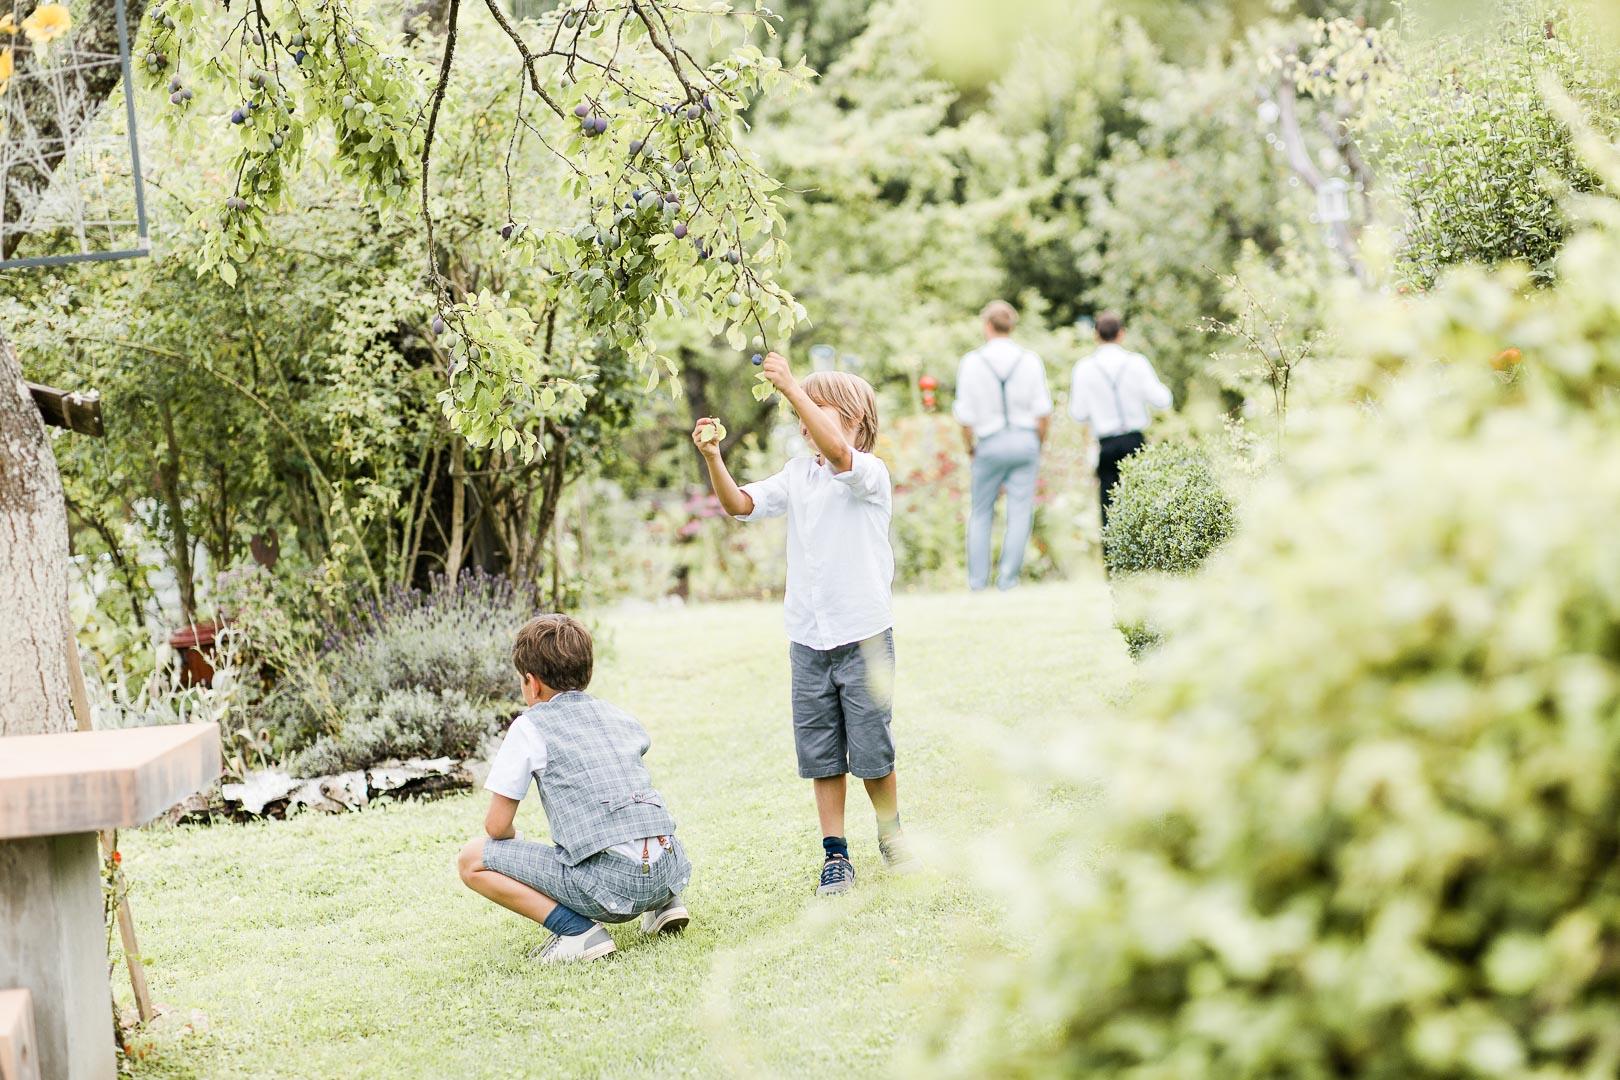 Jungen in Sommerkleidung unter einem Baum